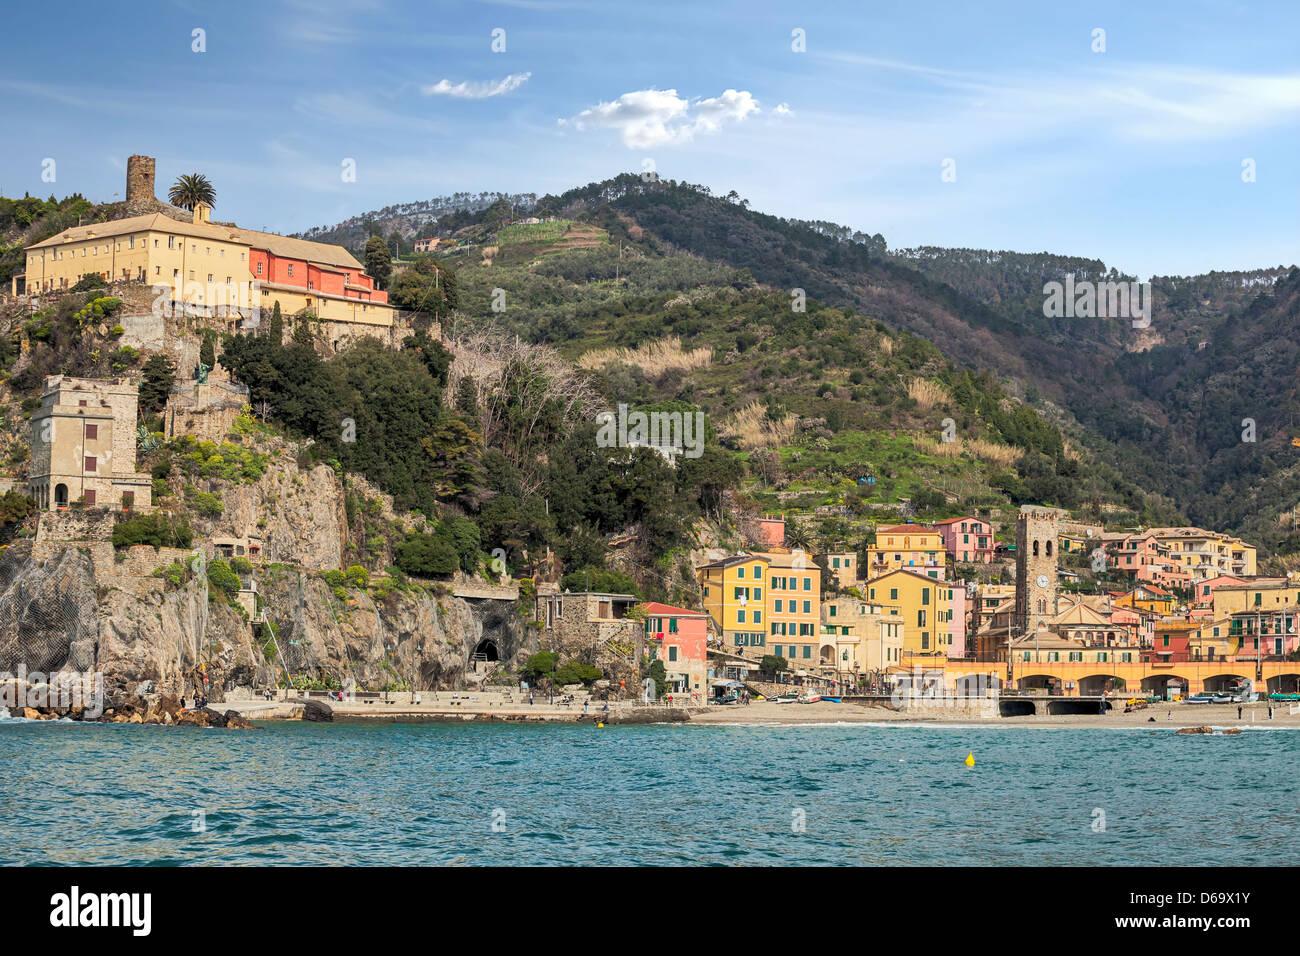 Monterosso al Mare, Cinque Terre, Liguria, Italy Stock Photo